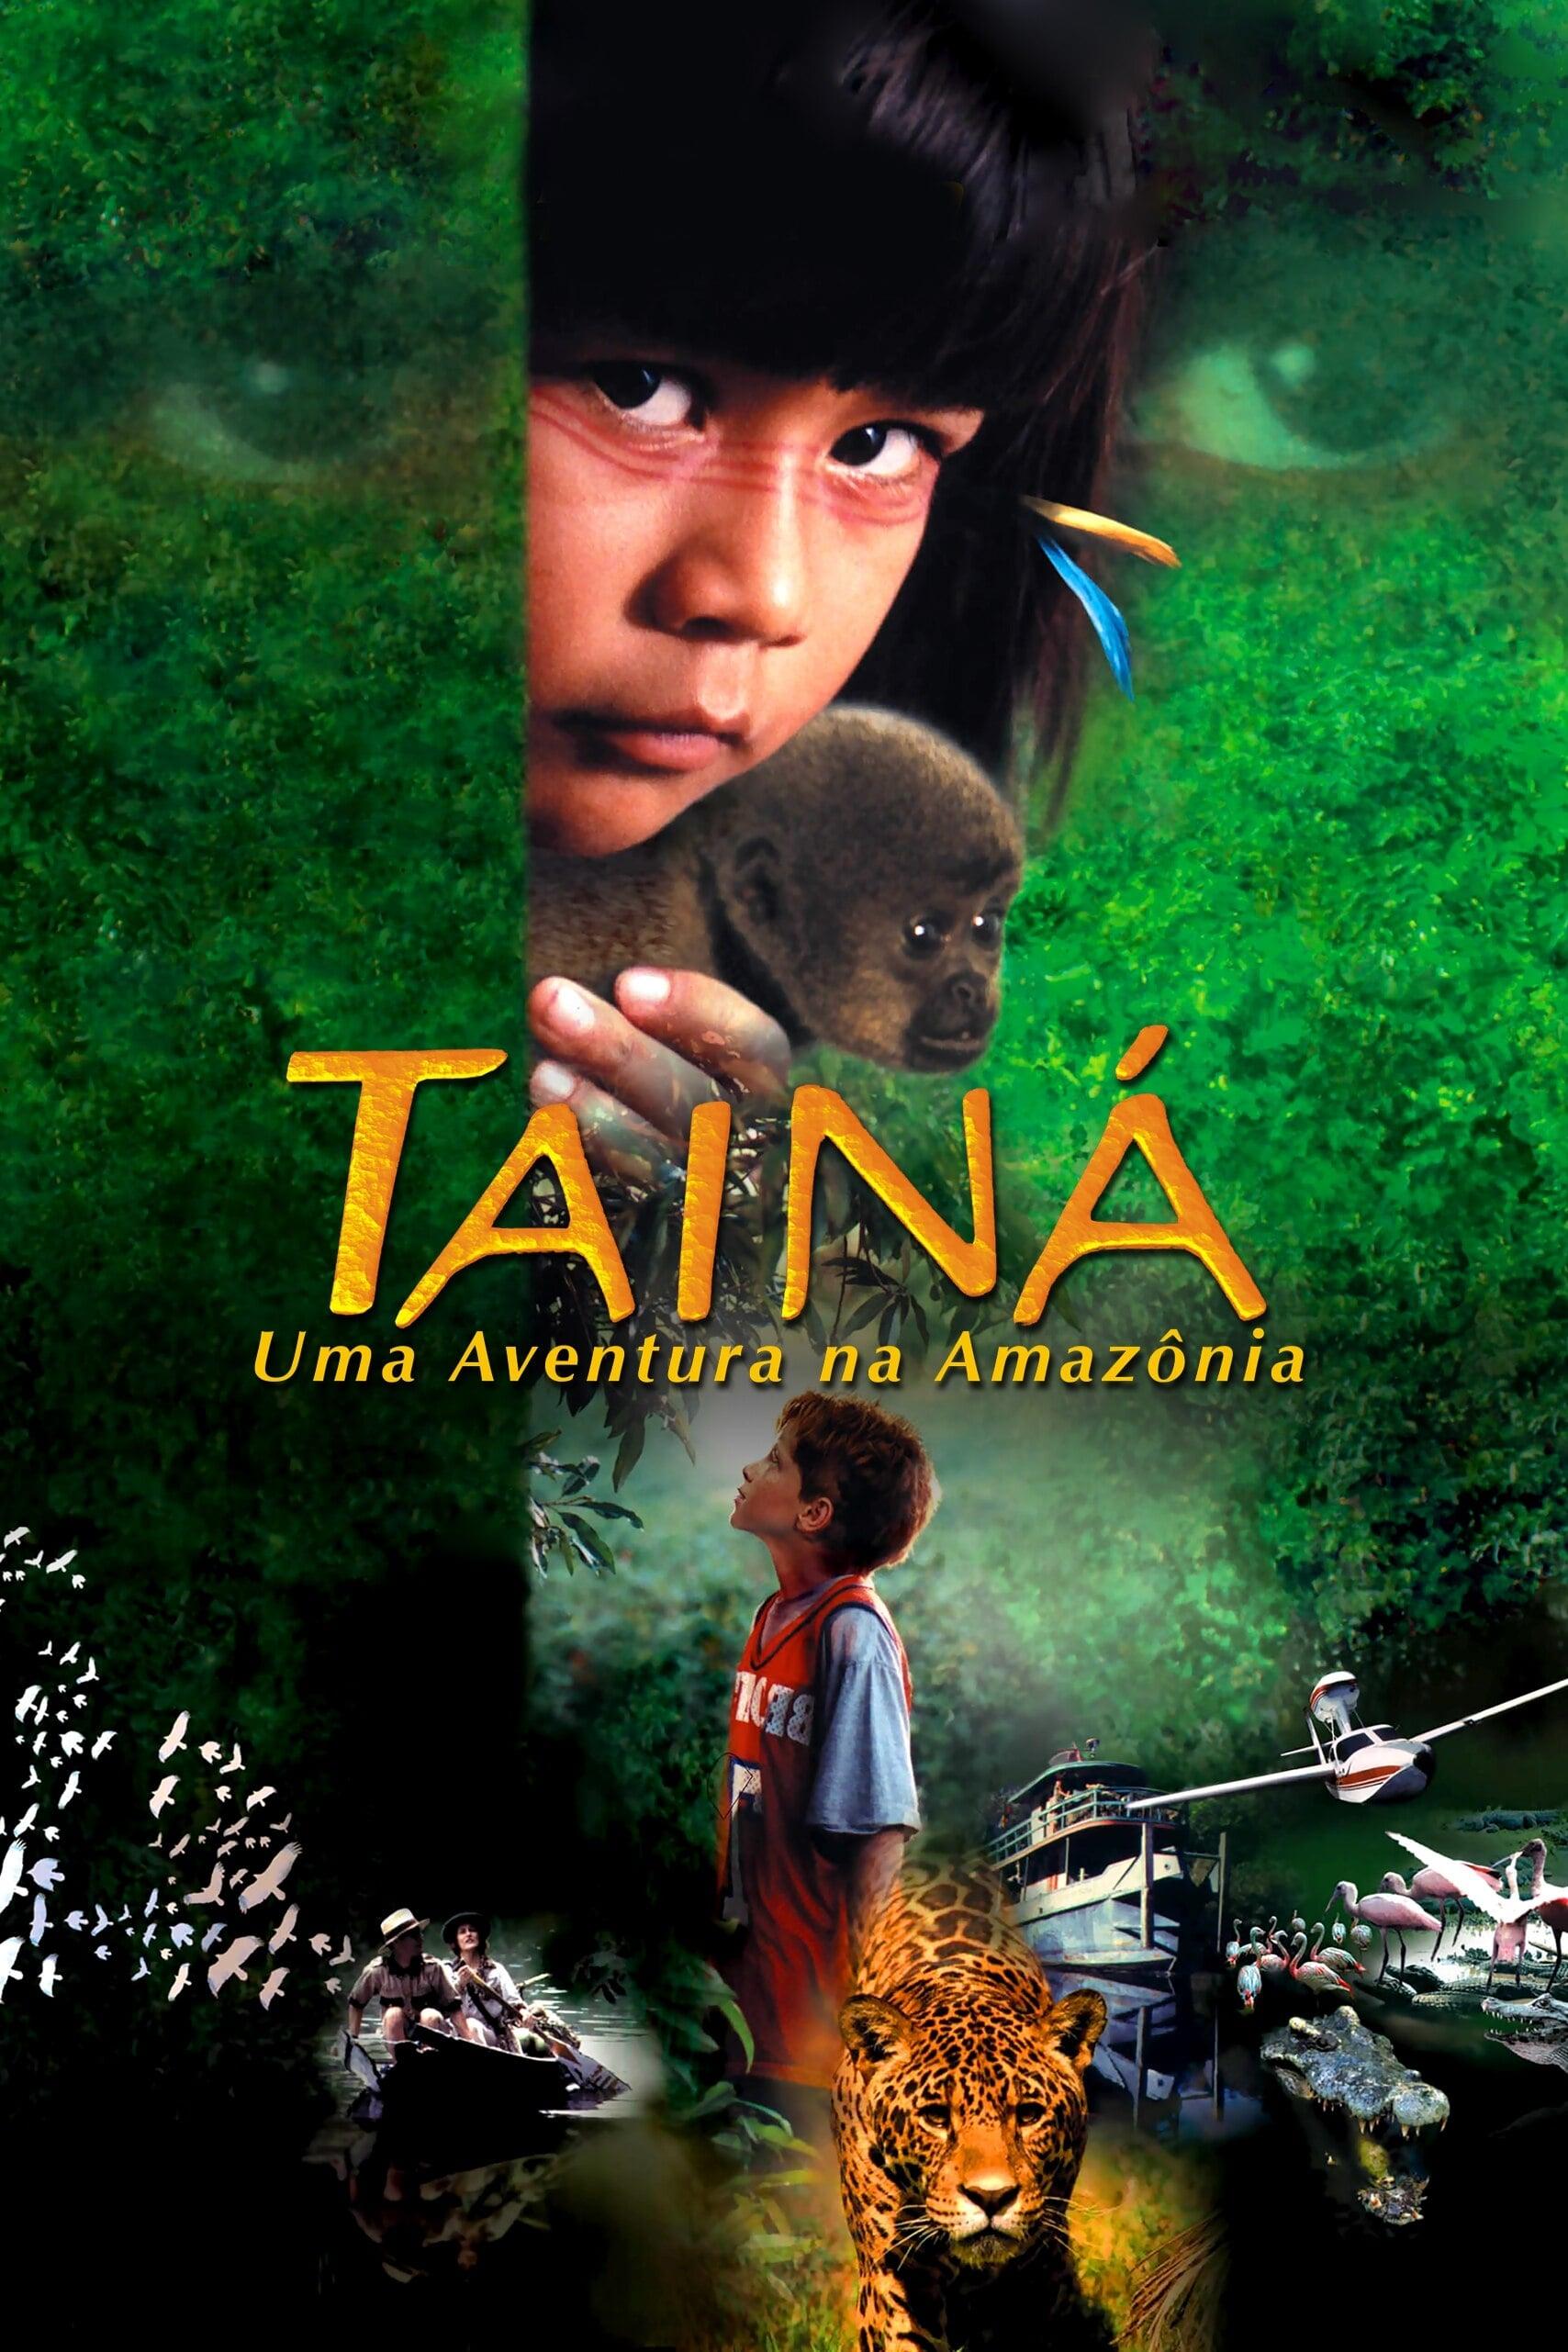 Tainá: An Amazon Adventure